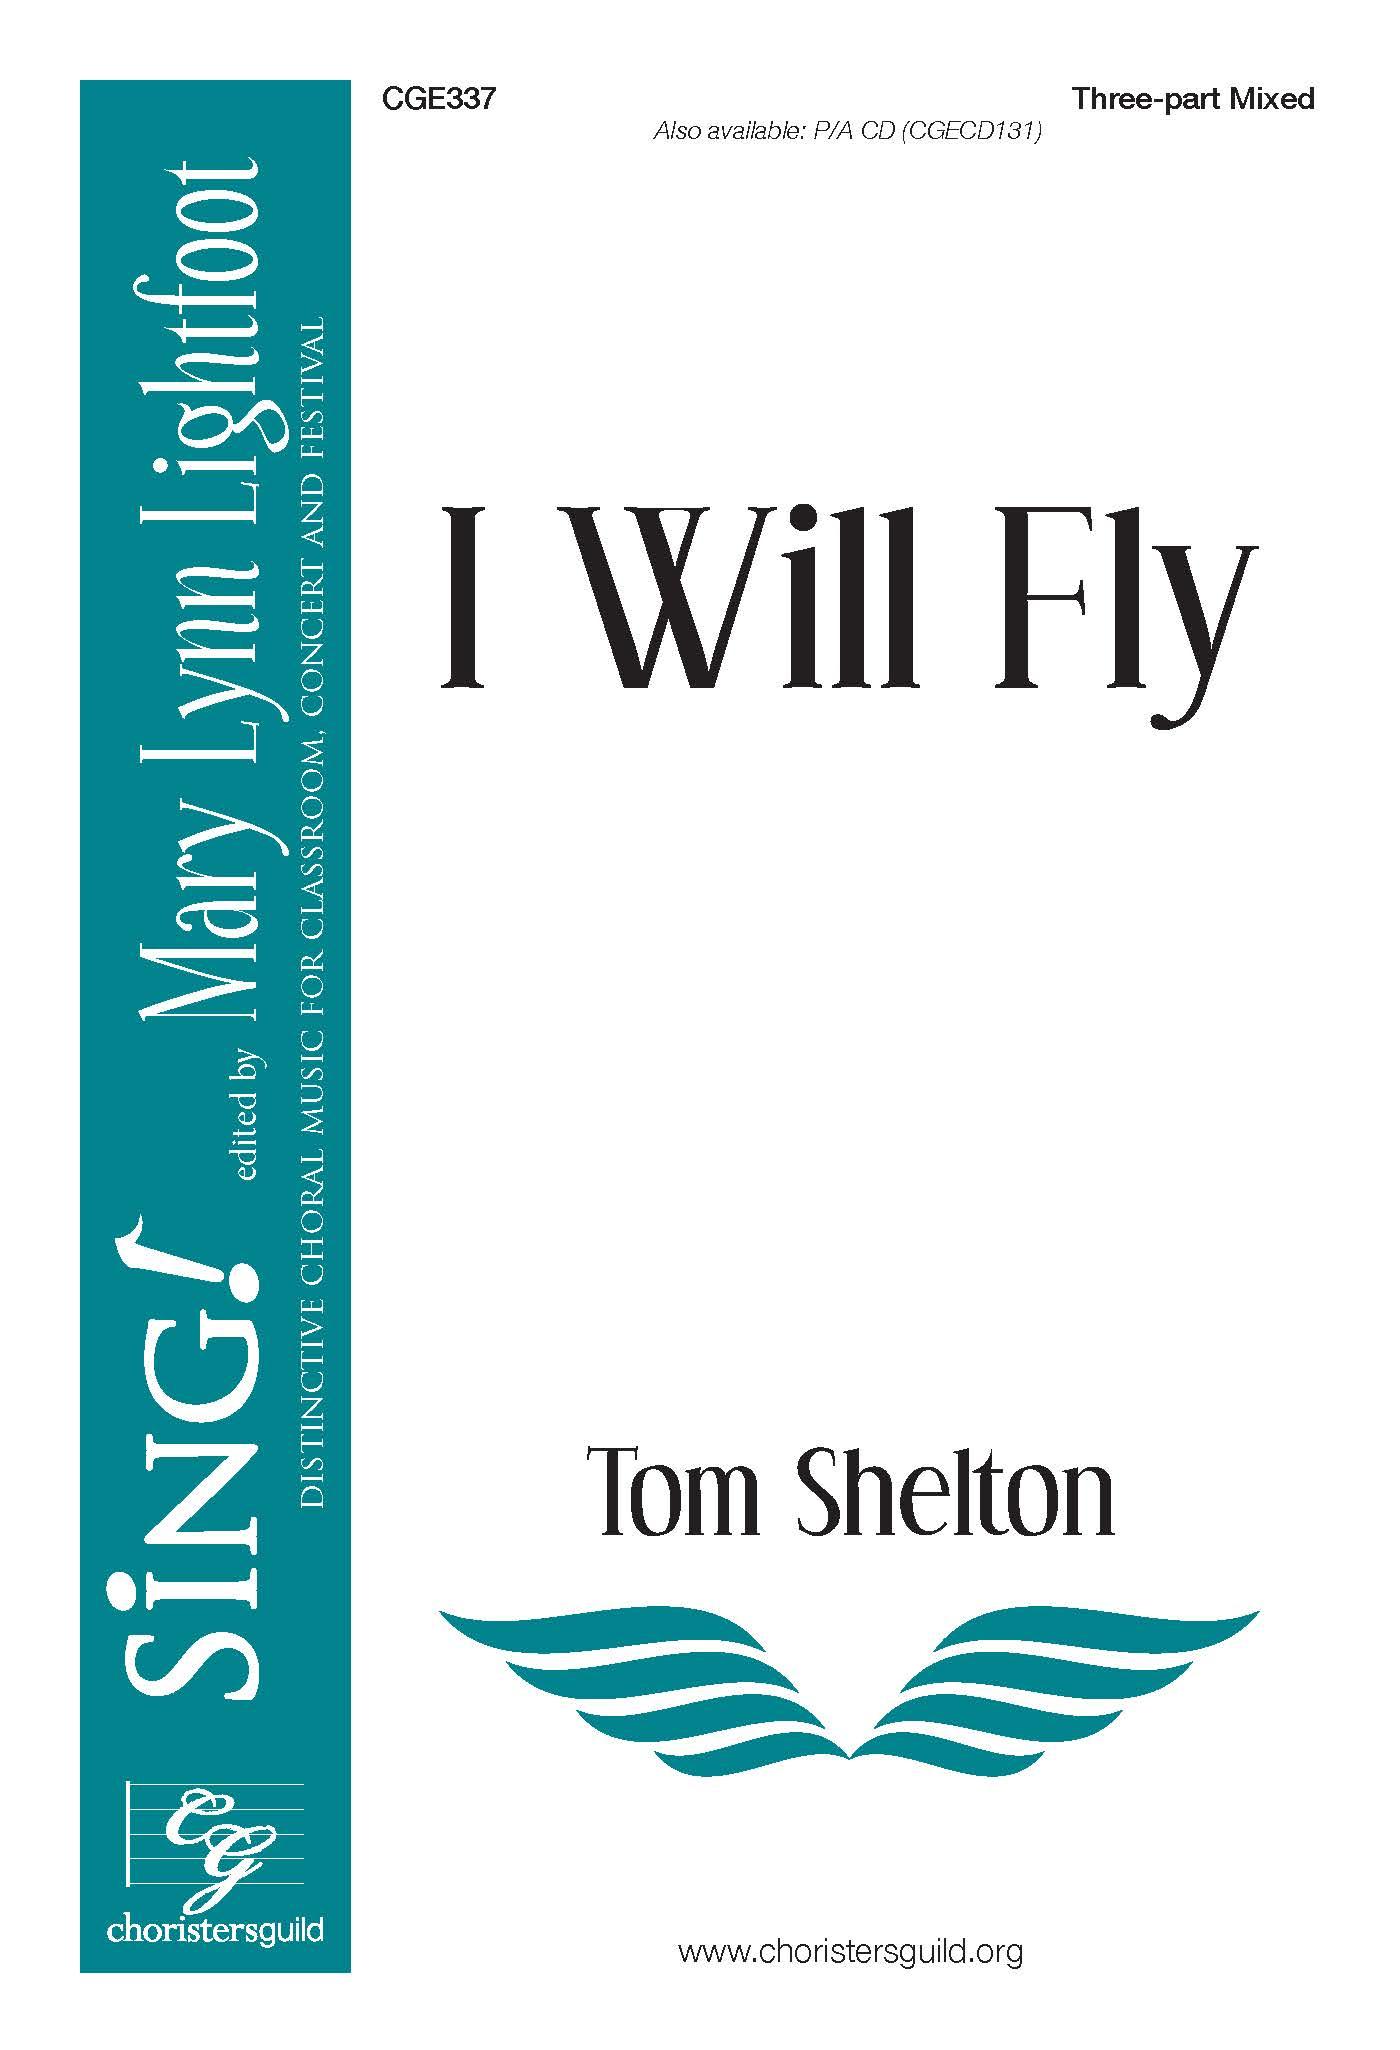 I Will Fly - Three-part Mixed